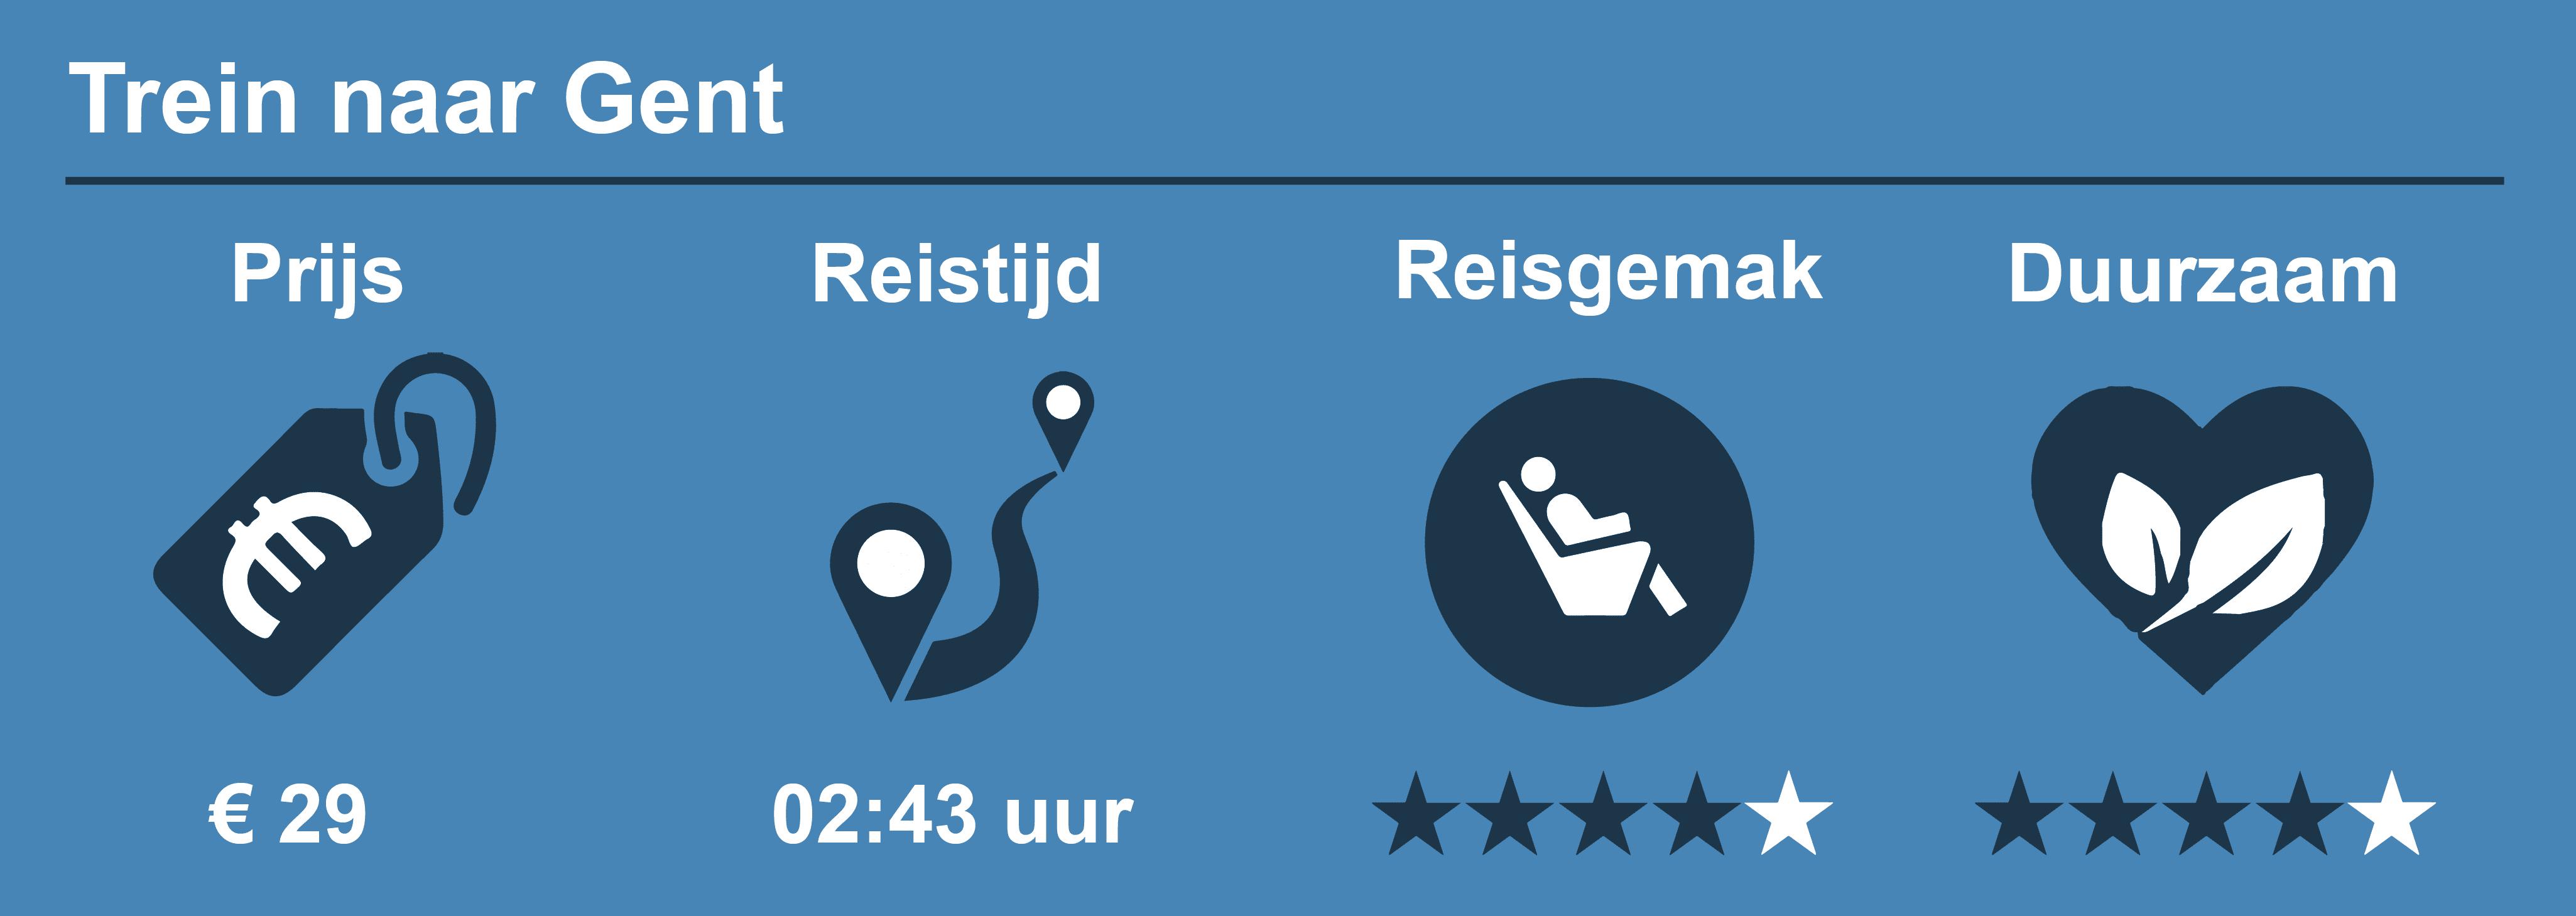 Reisinformatie trein Gent